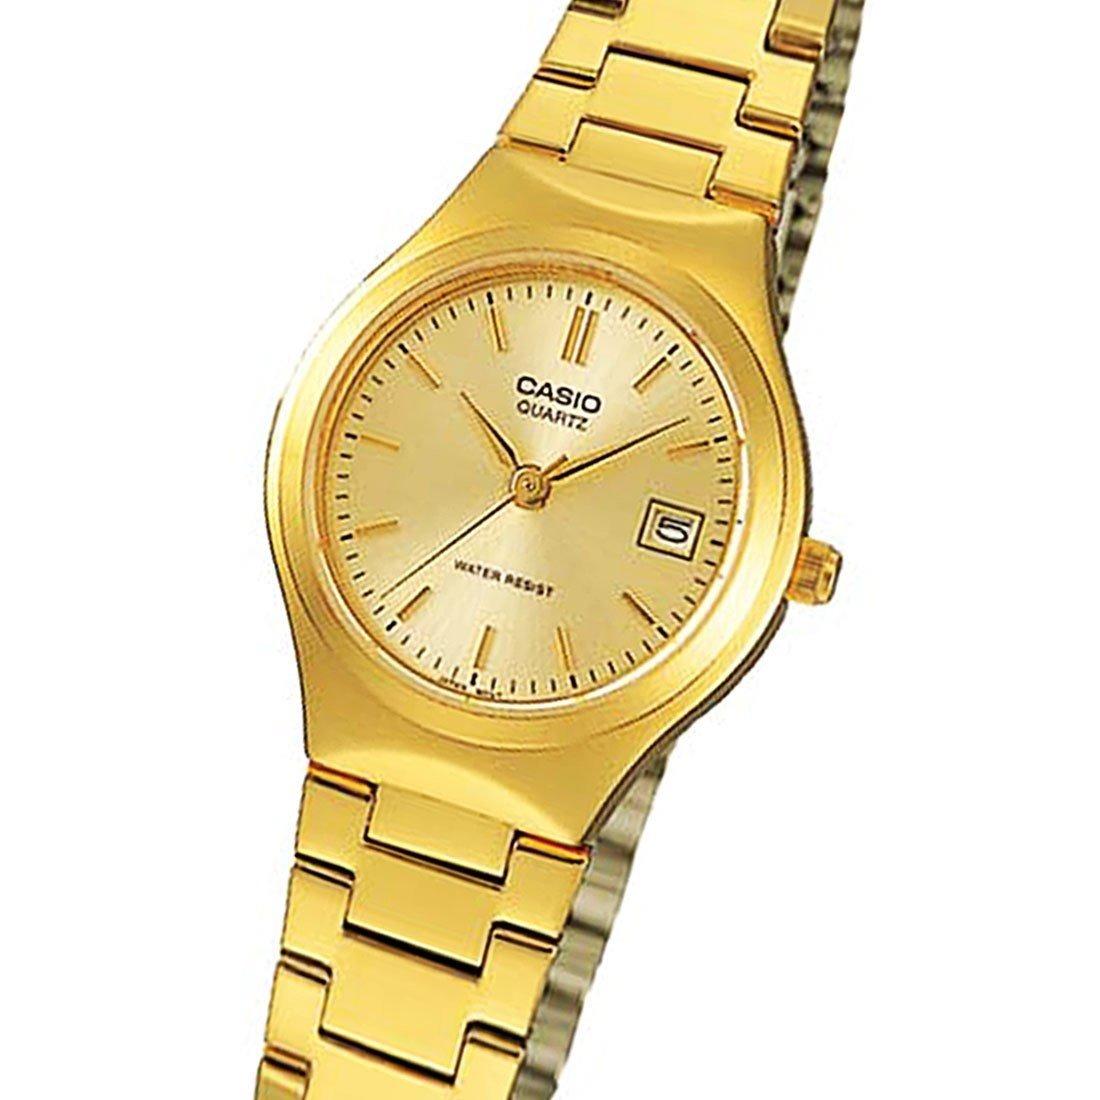 1fc3c05b752 relogio casio ltp 1170n-9a feminino dourado data wr clássico. Carregando  zoom.